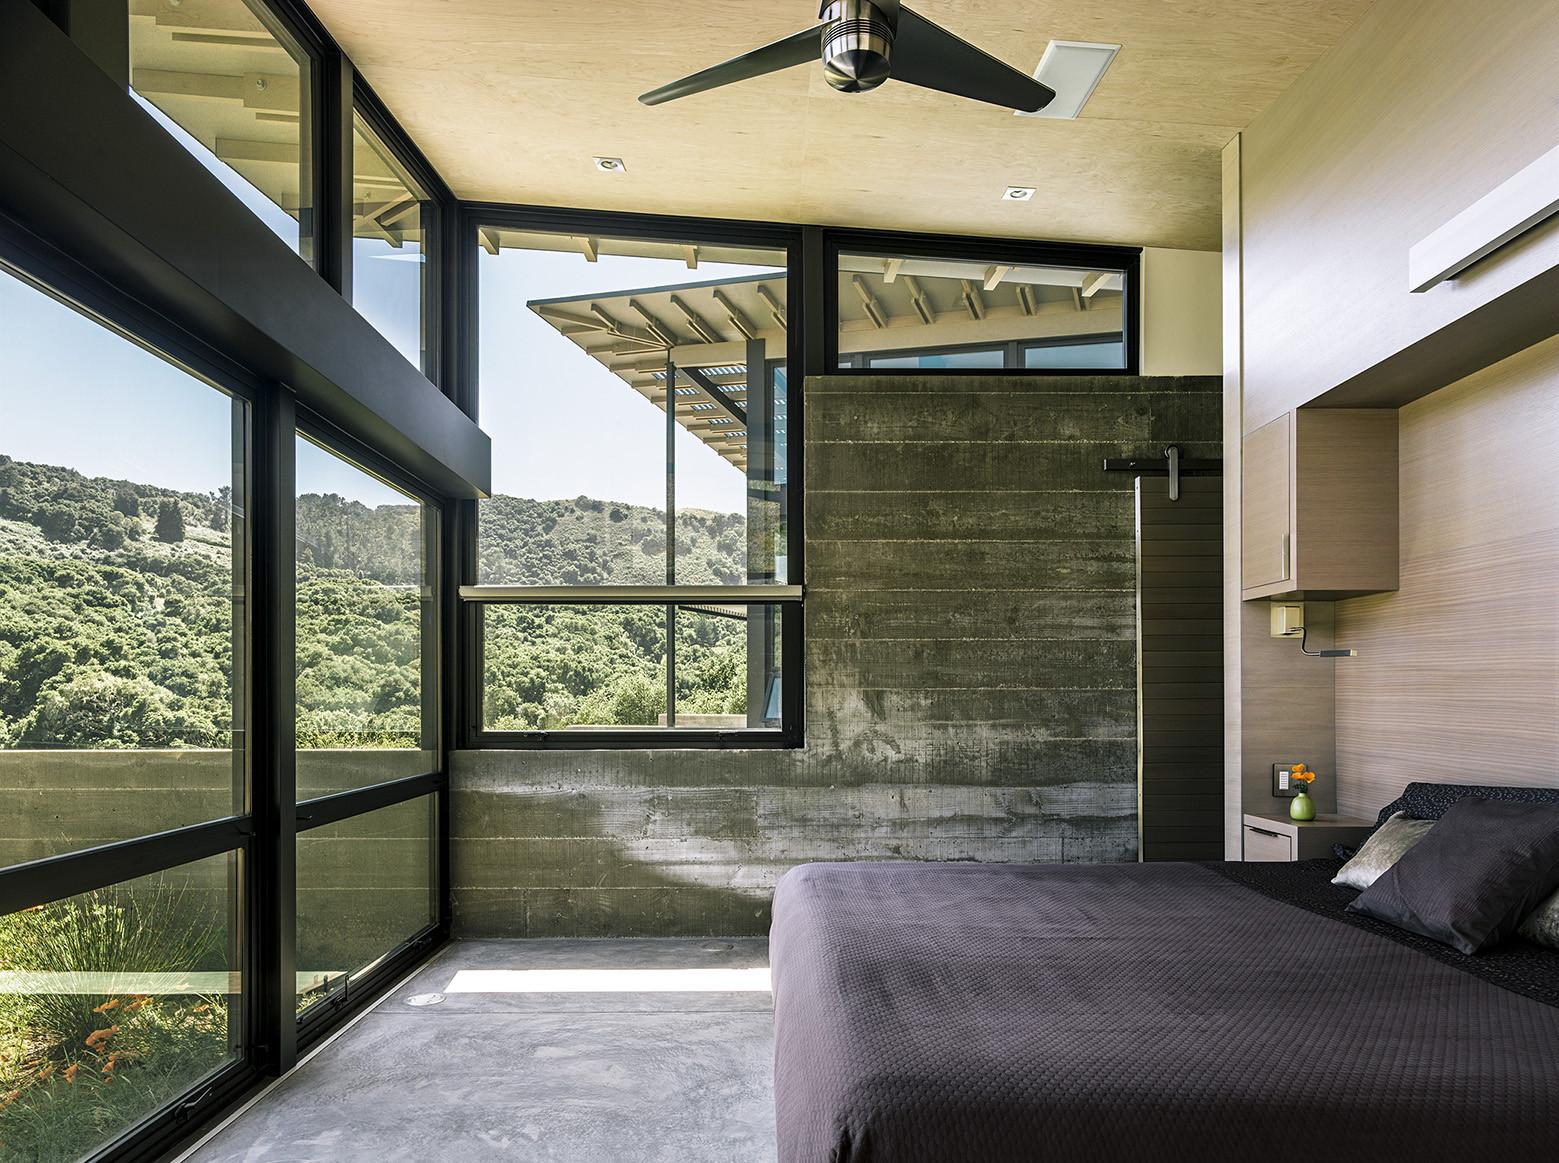 dormitorio,ventanales,cama,